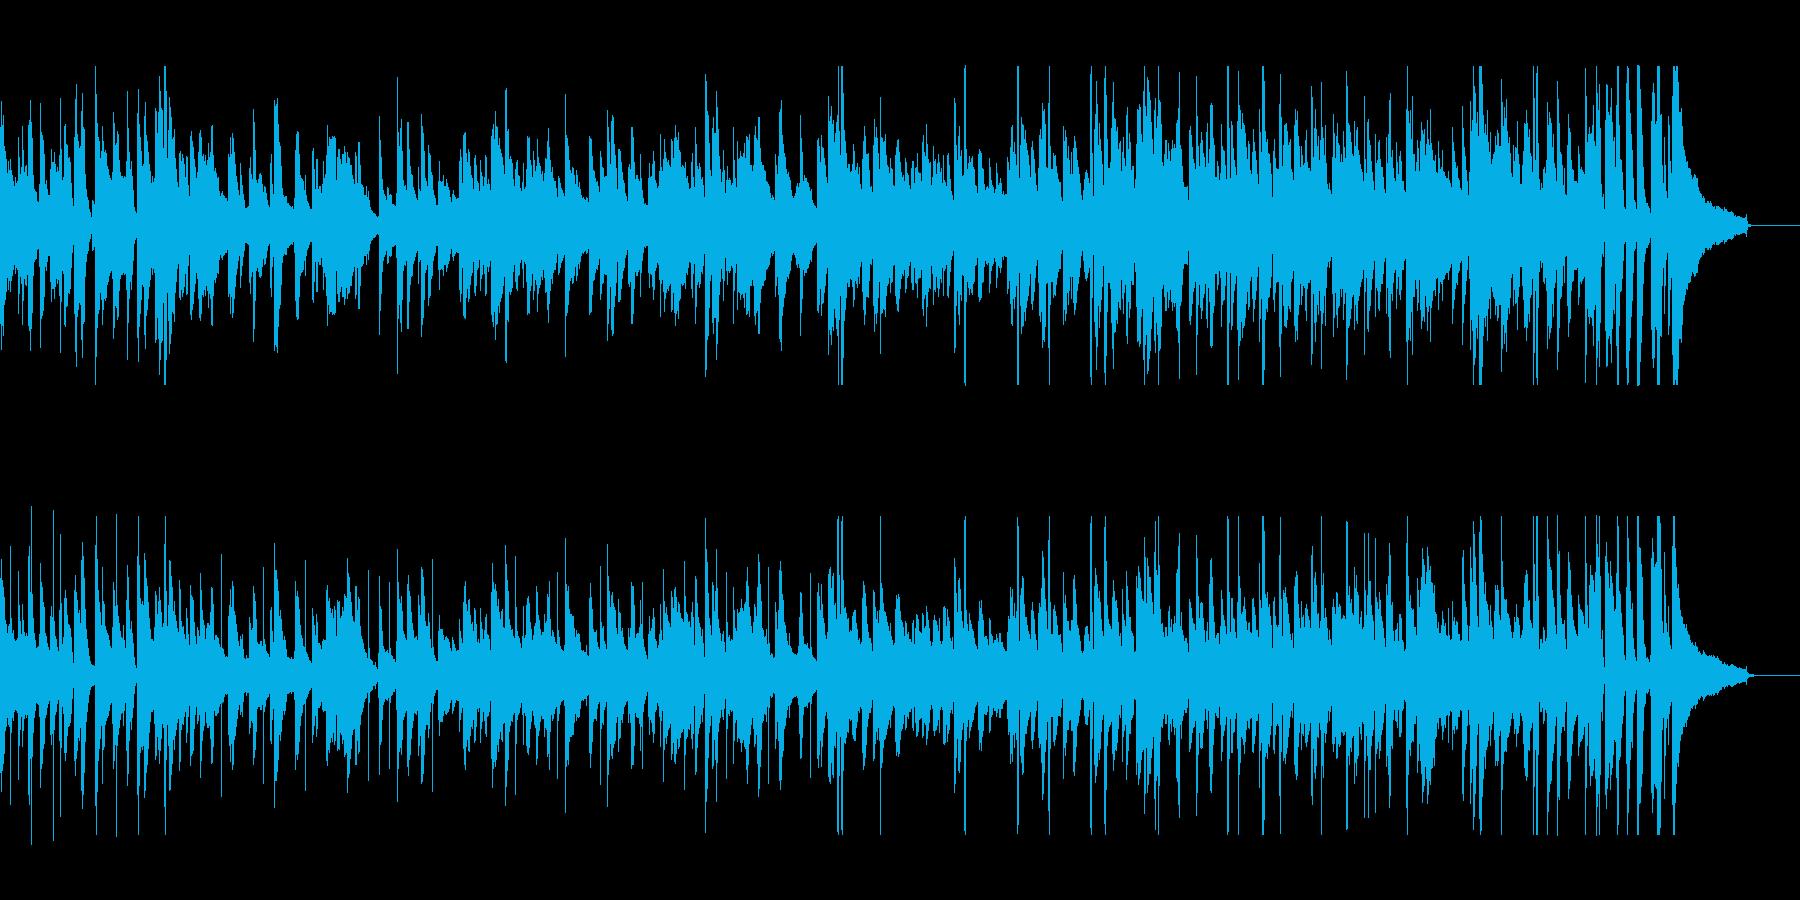 しゃれた大人のジャズの再生済みの波形